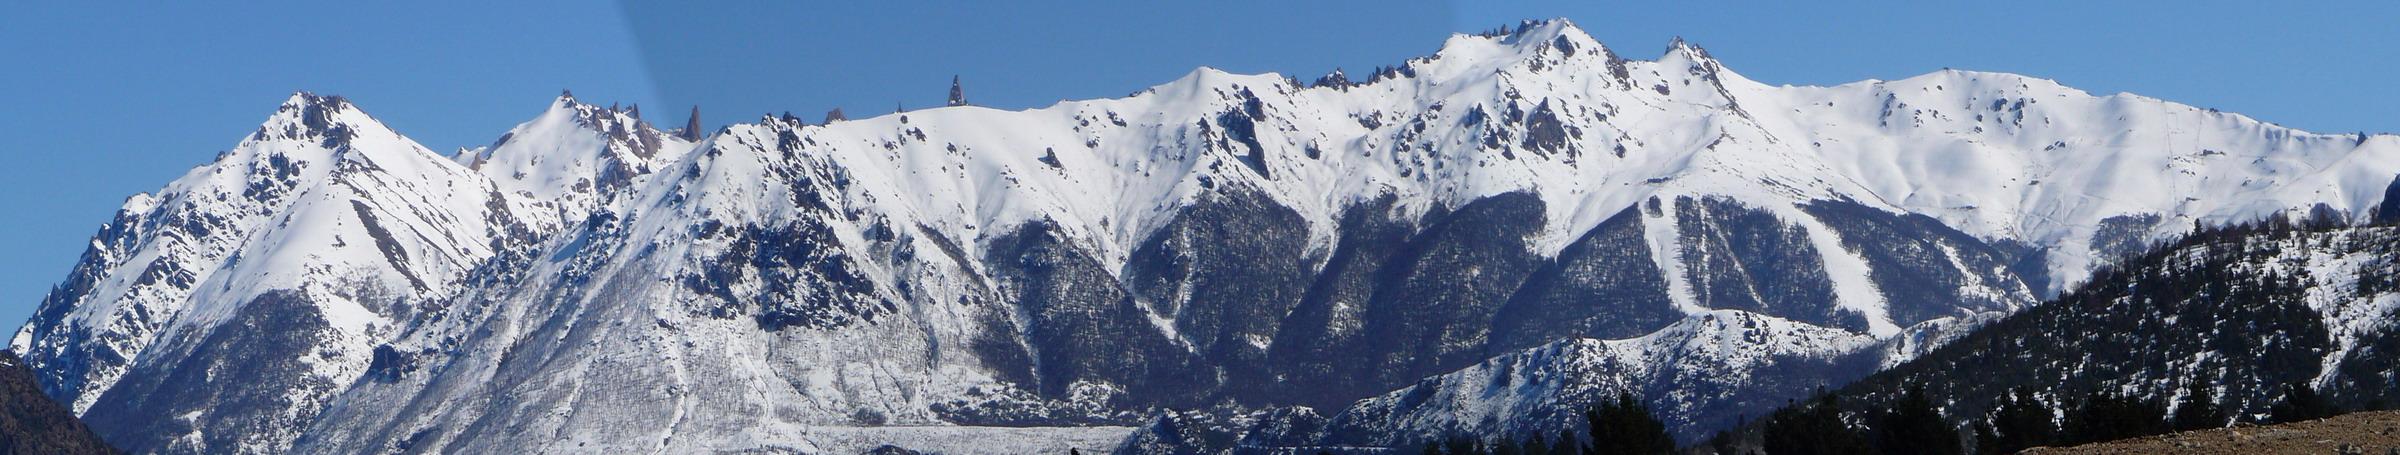 Bariloche mi ciudad turismo taringa for Fuera de pista cerro catedral